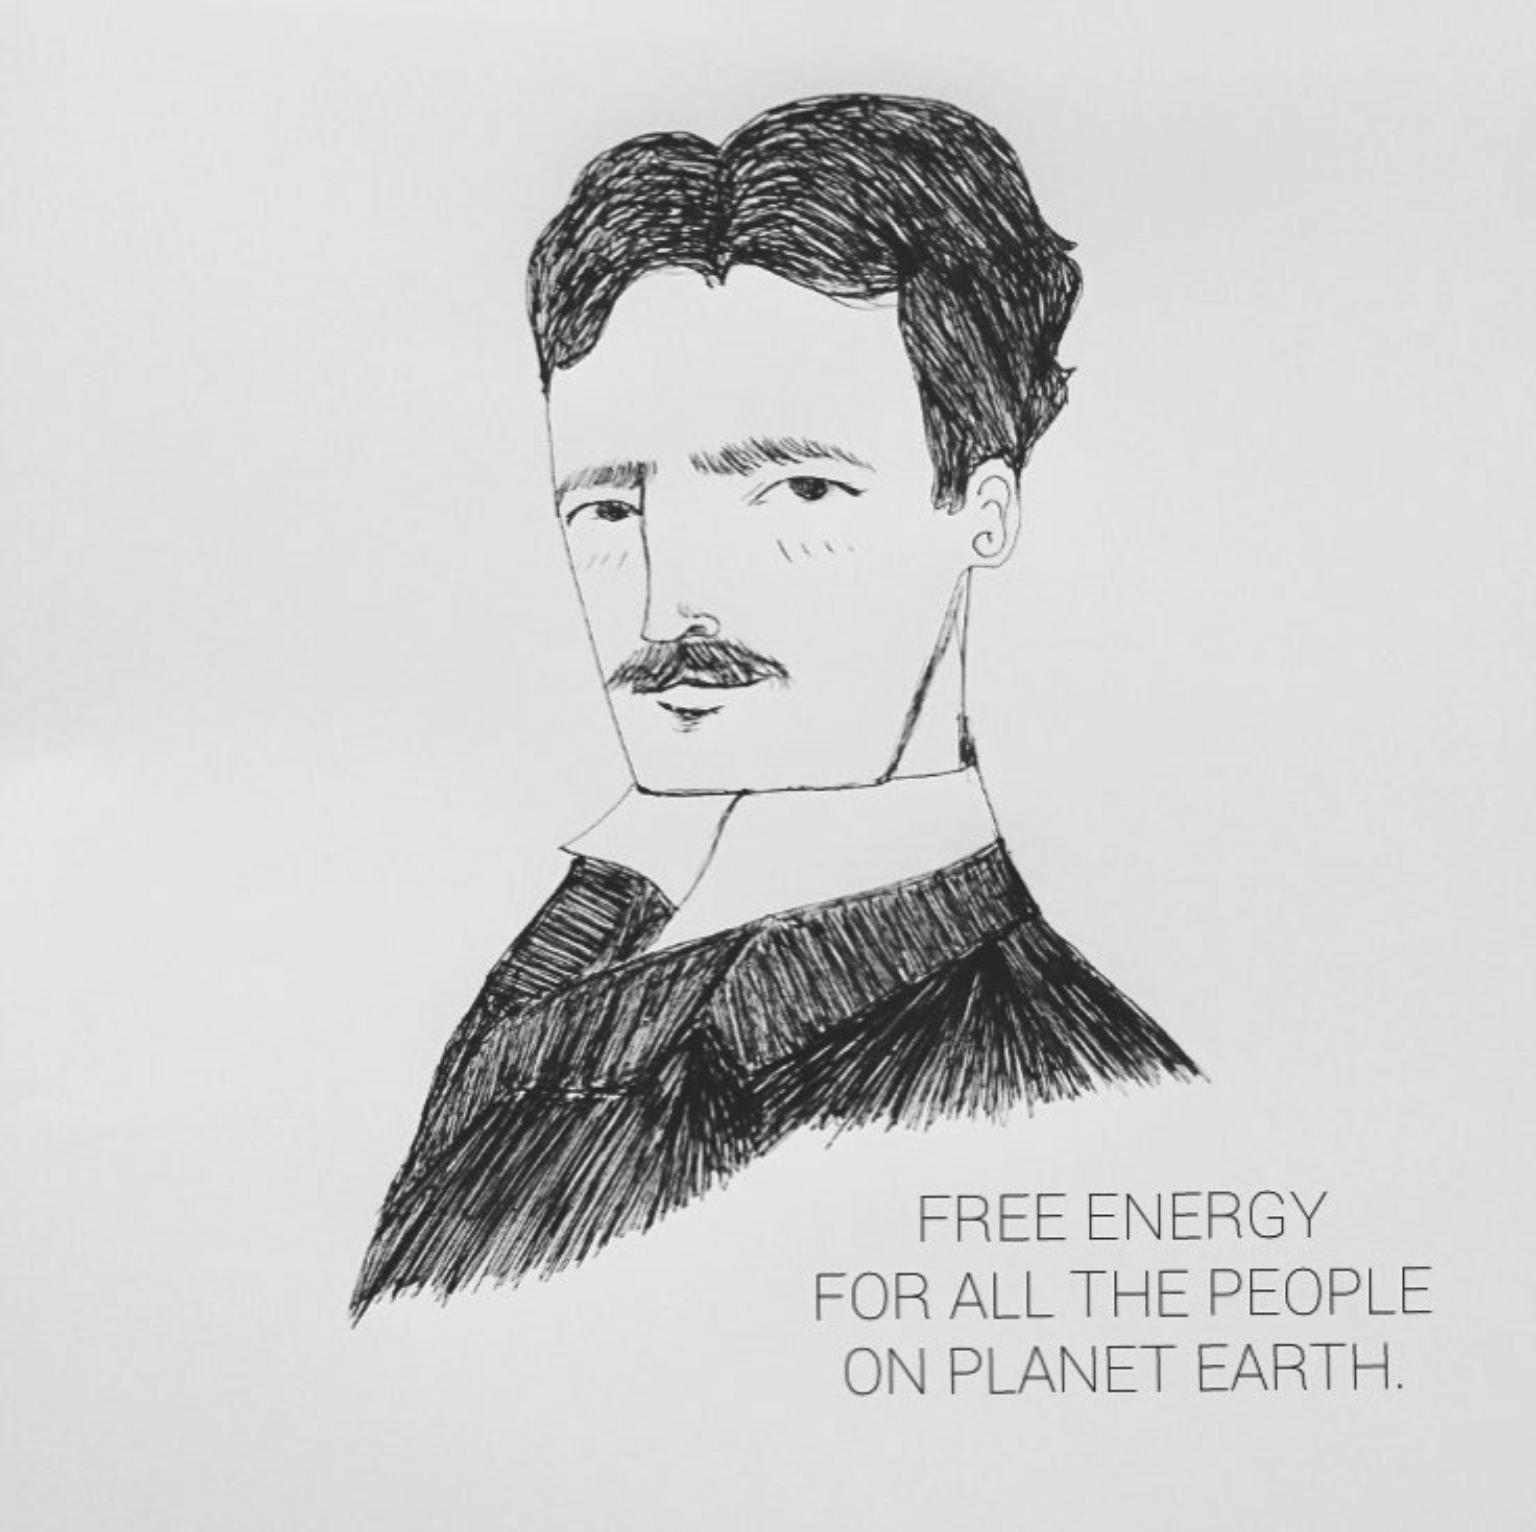 """""""Energie libre pour tous les habitants de la Planète Terre""""   (2016) Fanja Ralaimaro    Lumière, Amour et Paix.    Fanja        Pour en savoir plus sur Nikola Tesla et ses découvertes, je vous invite à visualiser le documentaire sur Netflix :   American Experience """"Tesla""""   (2016). vous pouvez visionner la vidéo ci-dessous, réalisée et commentée par David Icke, confériencier international pour la Vérité et auteur de """"  Human Race Get Off your Knees""""   (2010) et   """"Children of the Matrix""""   (2001) et bien d'autres livres. Je vous invite également à effectuer vos propres recherches et de vous faire votre propre opinion."""